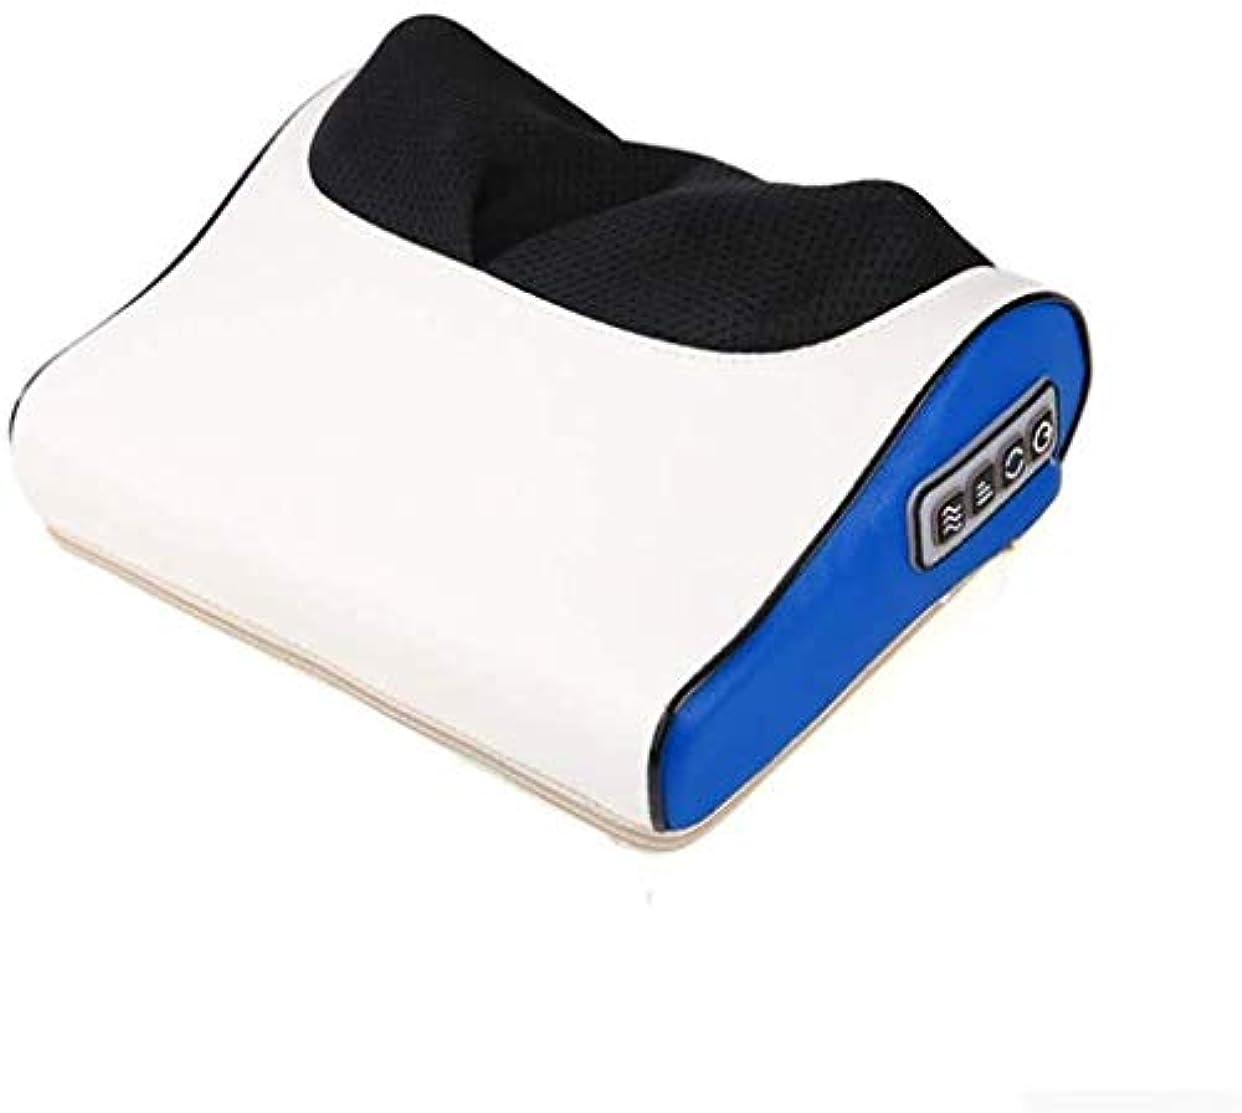 同盟手を差し伸べる着るマッサージ枕、赤外線/温水首/肩/戻る電気マッサージ、指圧マッサージ機器、痛み/ストレスを解消、疲労を和らげます (Color : 青, Size : One size)